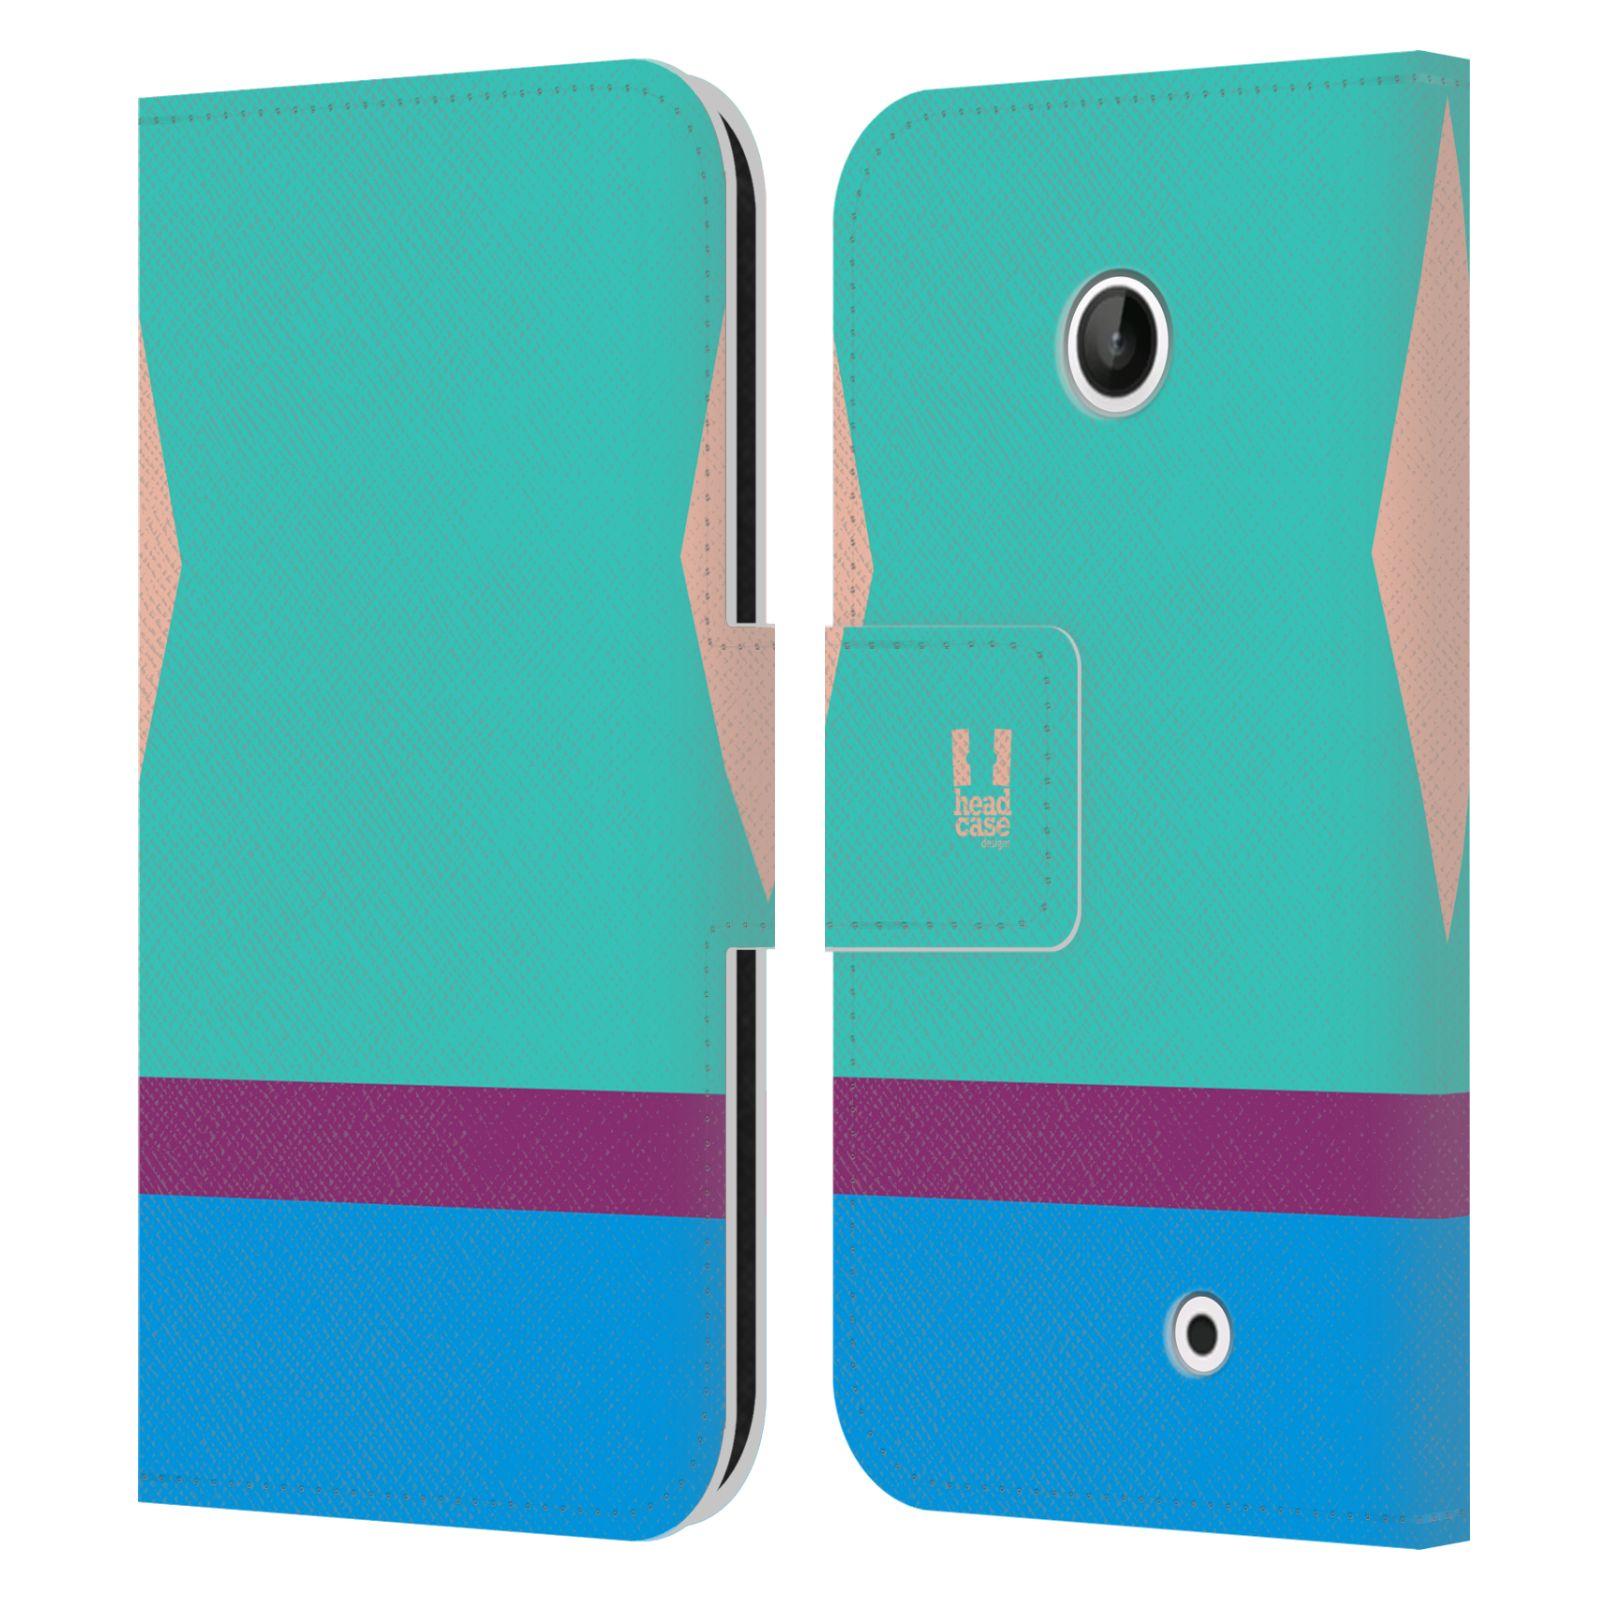 HEAD CASE Flipové pouzdro pro mobil Nokia LUMIA 630/630 DUAL barevné tvary modrá a fialový pruh